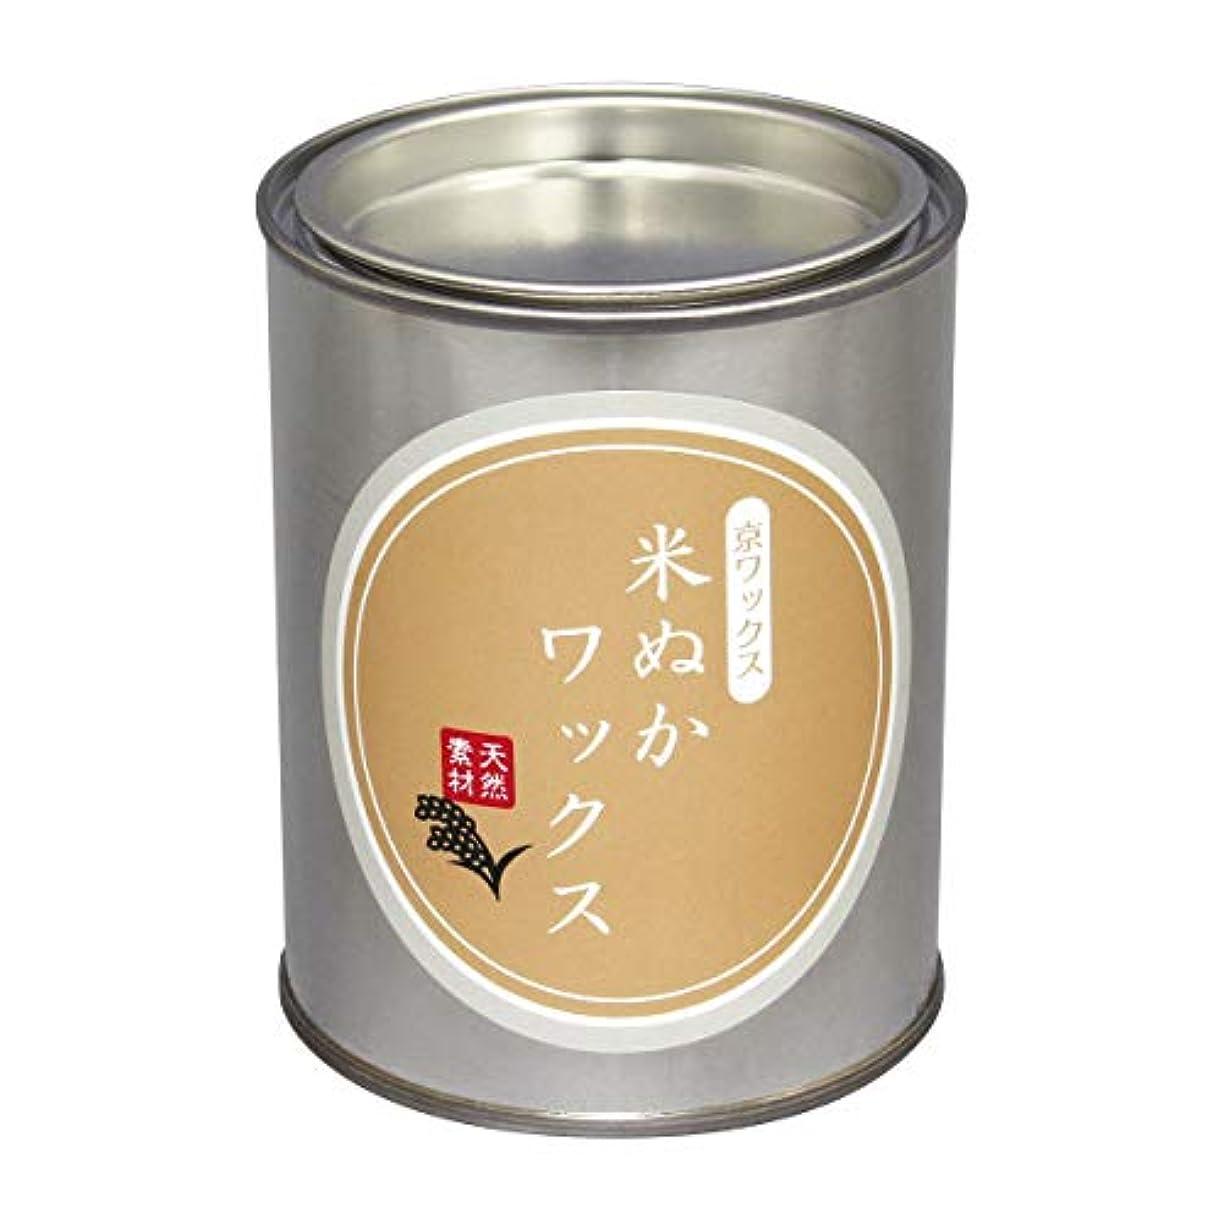 オーク神ウェブ杉材用ワックス 手作り 米ぬかワックス 300g 針葉樹の無垢材対応